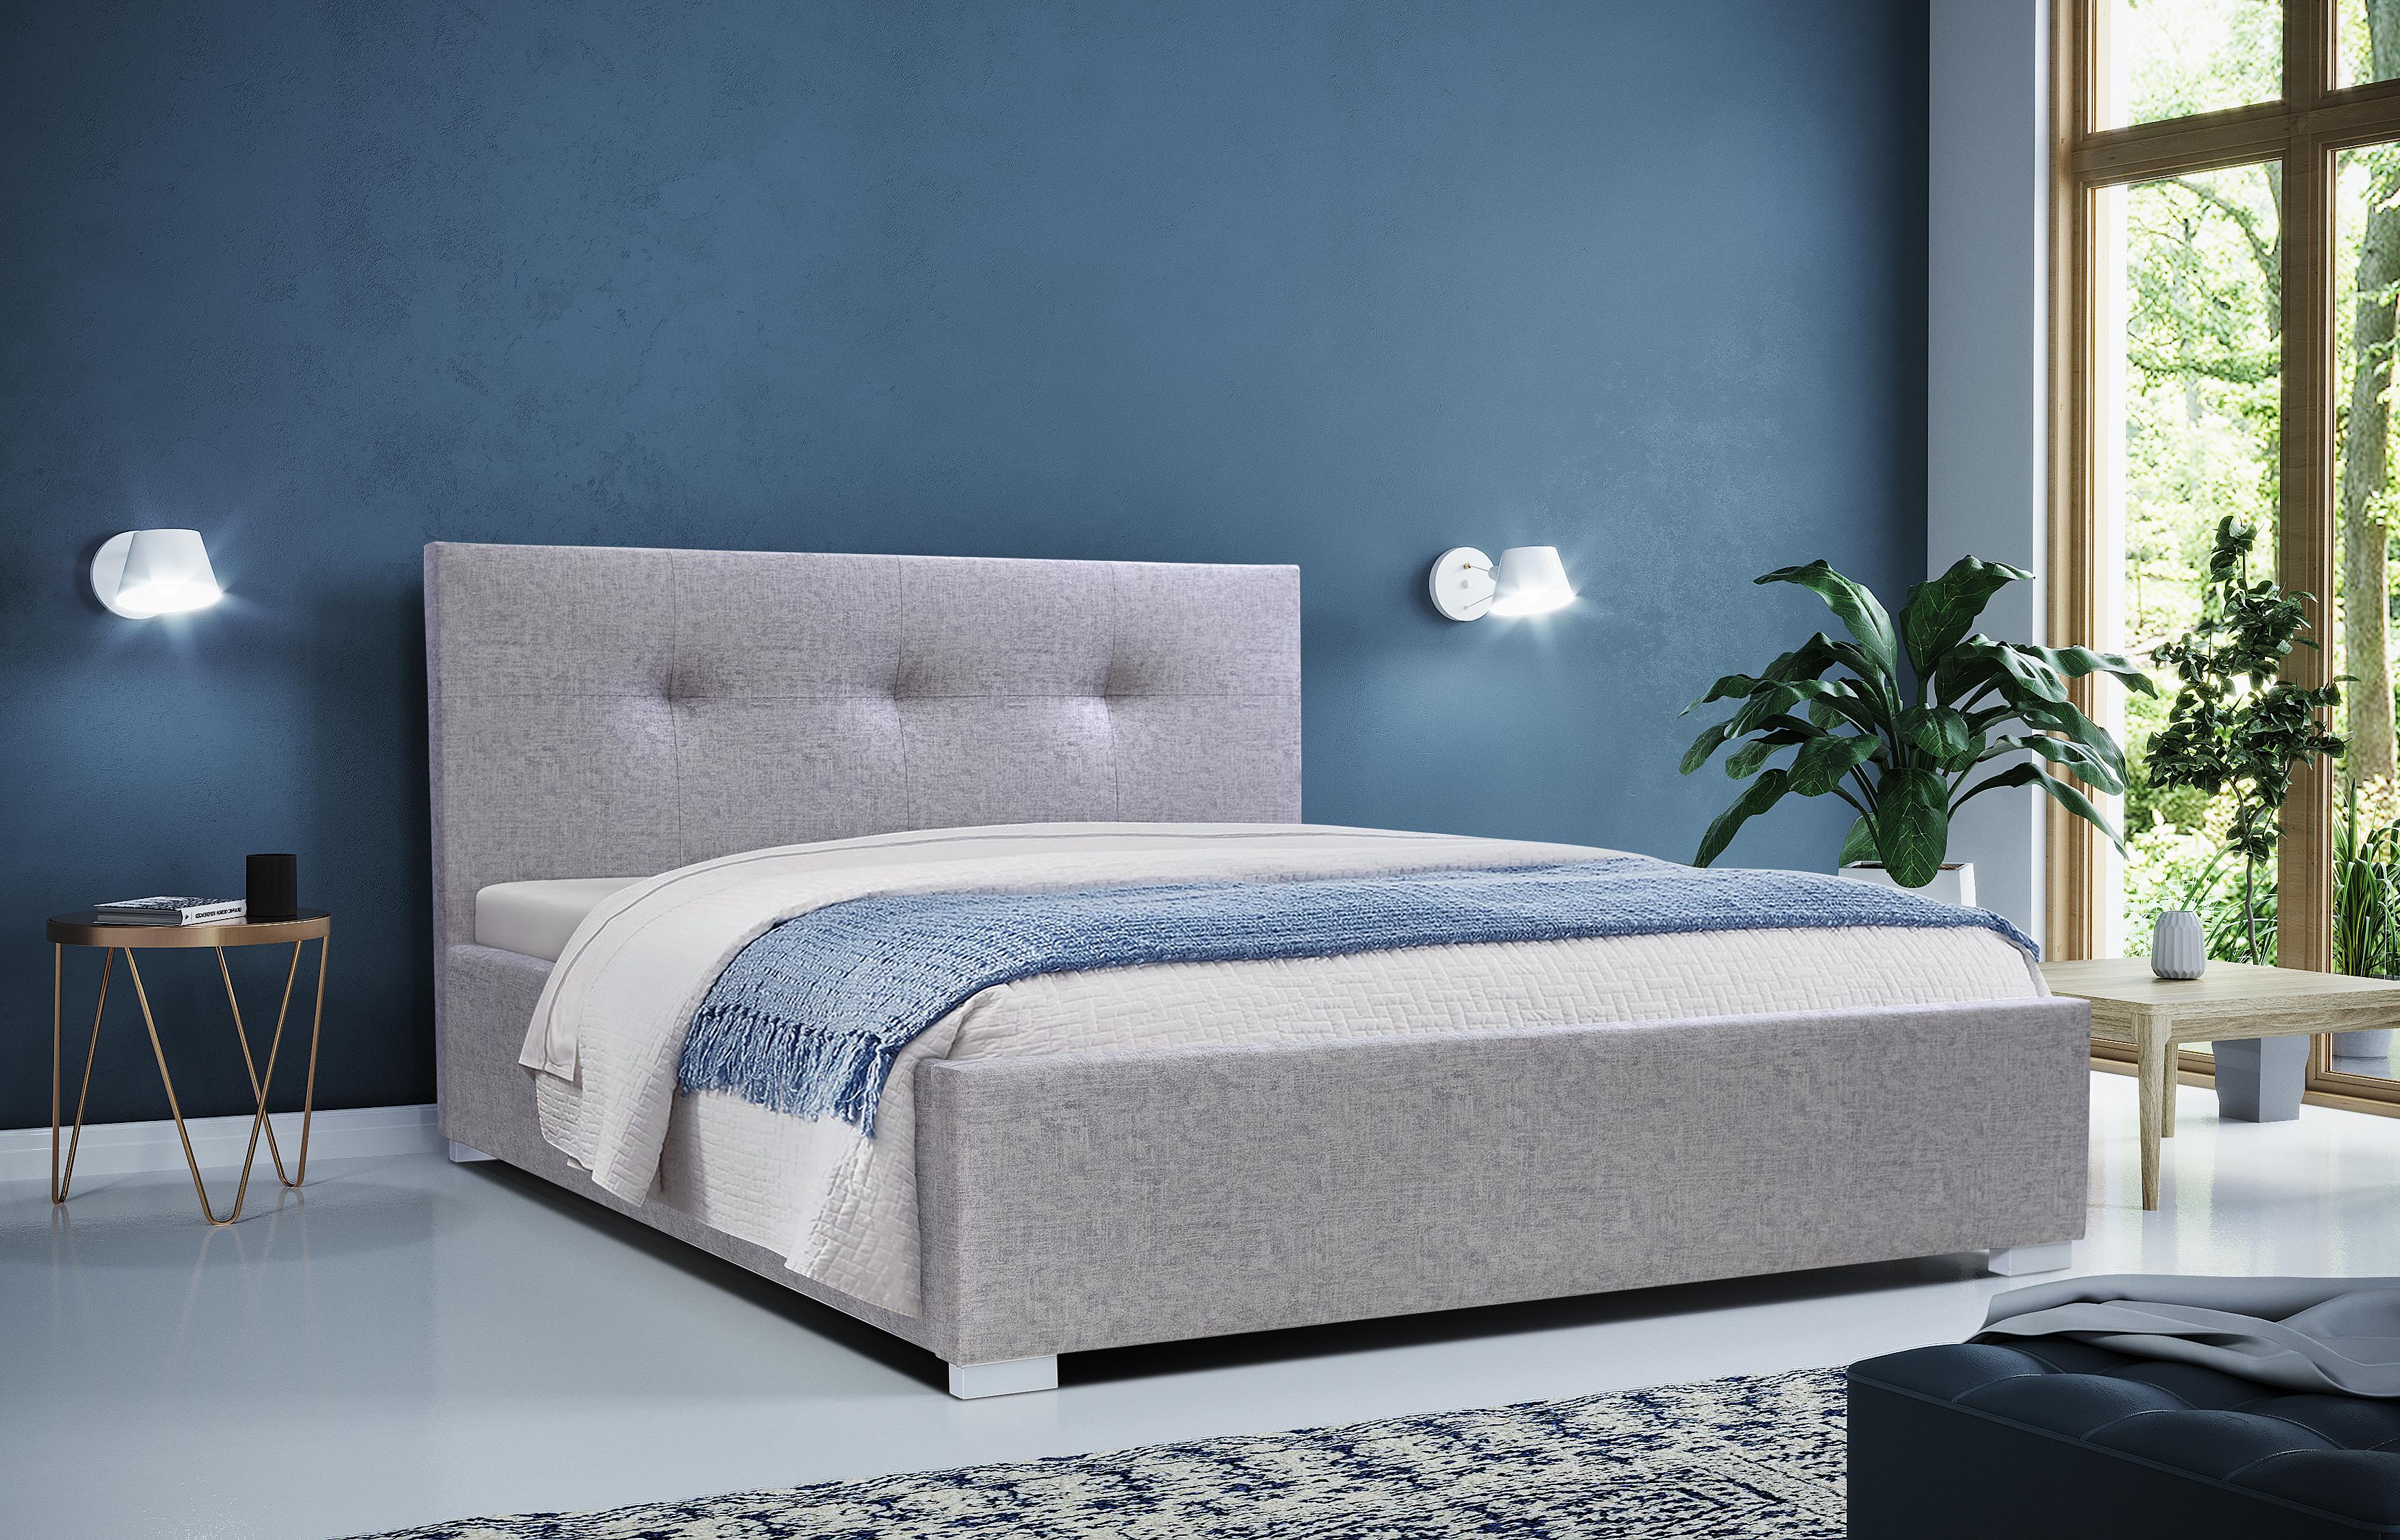 Dlaczego Warto Wybrać łóżka Z Tapicerowanym Zagłówkiem